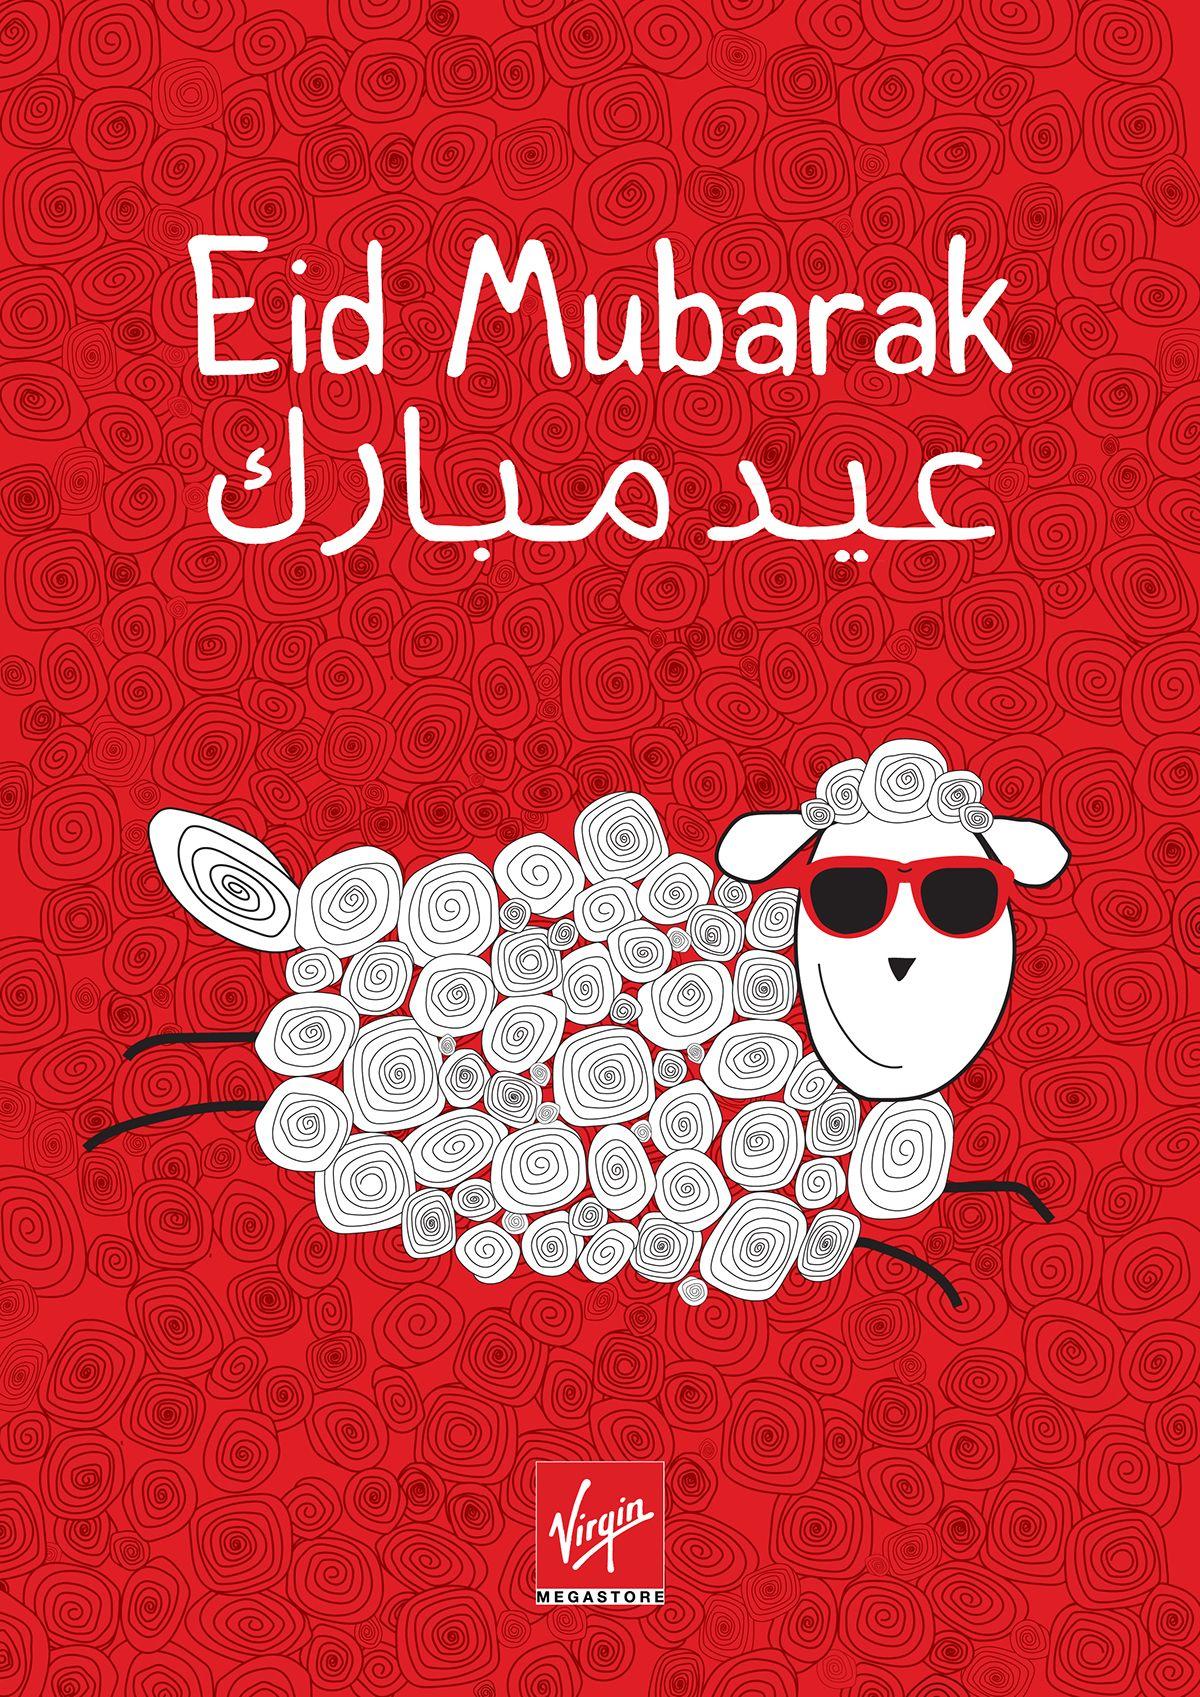 Virgin Megastore Eid Mubarak Eid Poster On Behance Eid Stickers Eid Mubarak Greetings Eid Greetings